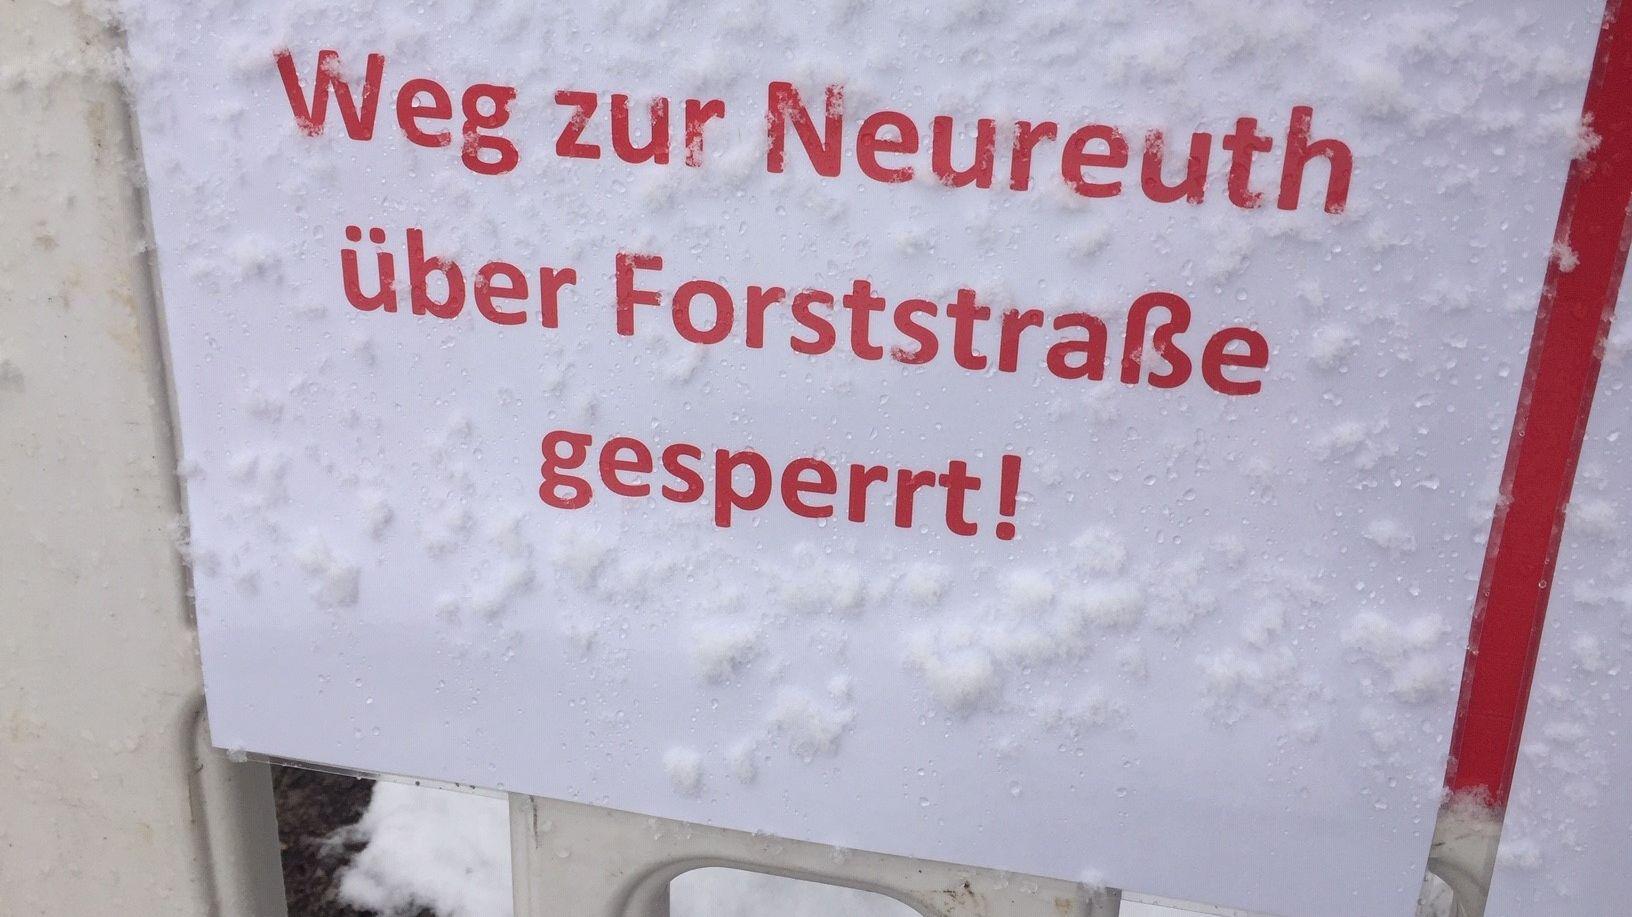 Schilder an der gesperrten Forststraße nach Neureuth, Foto vom 18. Januar 2020.